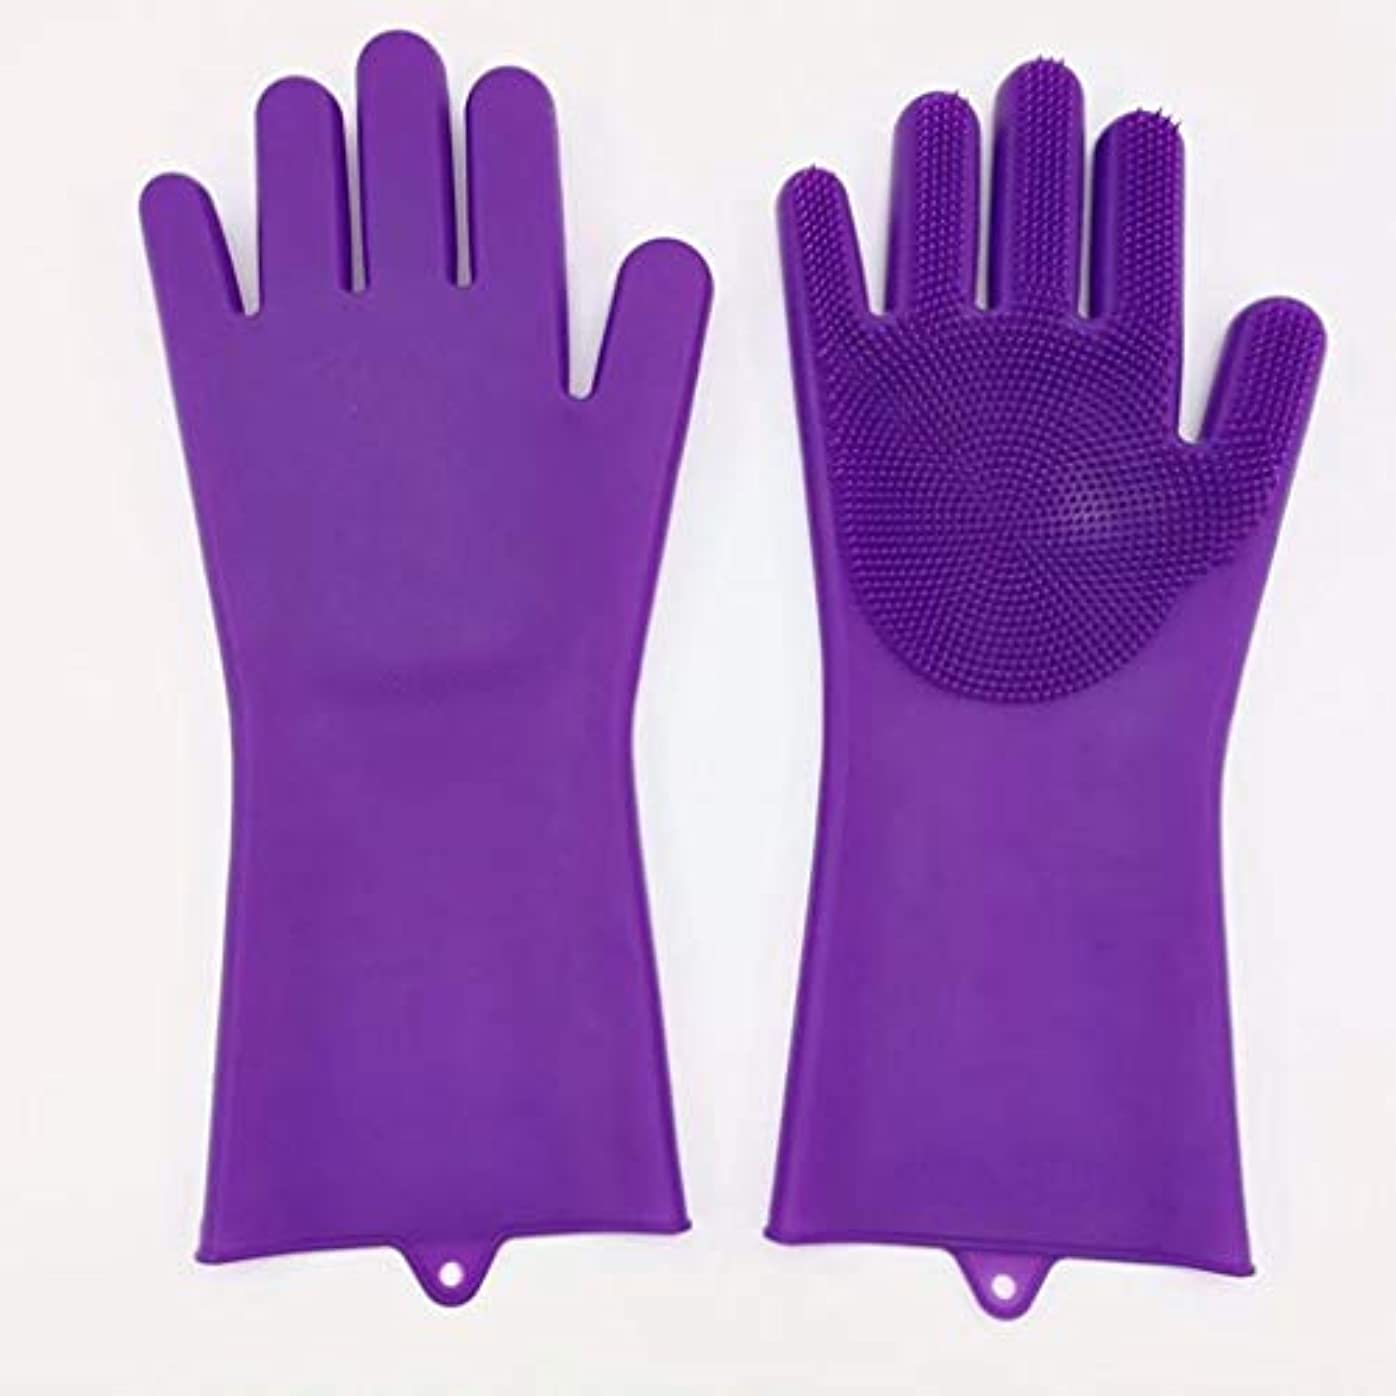 デッドロックメナジェリー試みるLYYRB 食器洗い用シリコーン手袋、台所掃除用マジックグローブ、滑り止め防水高温手袋3色オプション 手袋 (Color : Purple)